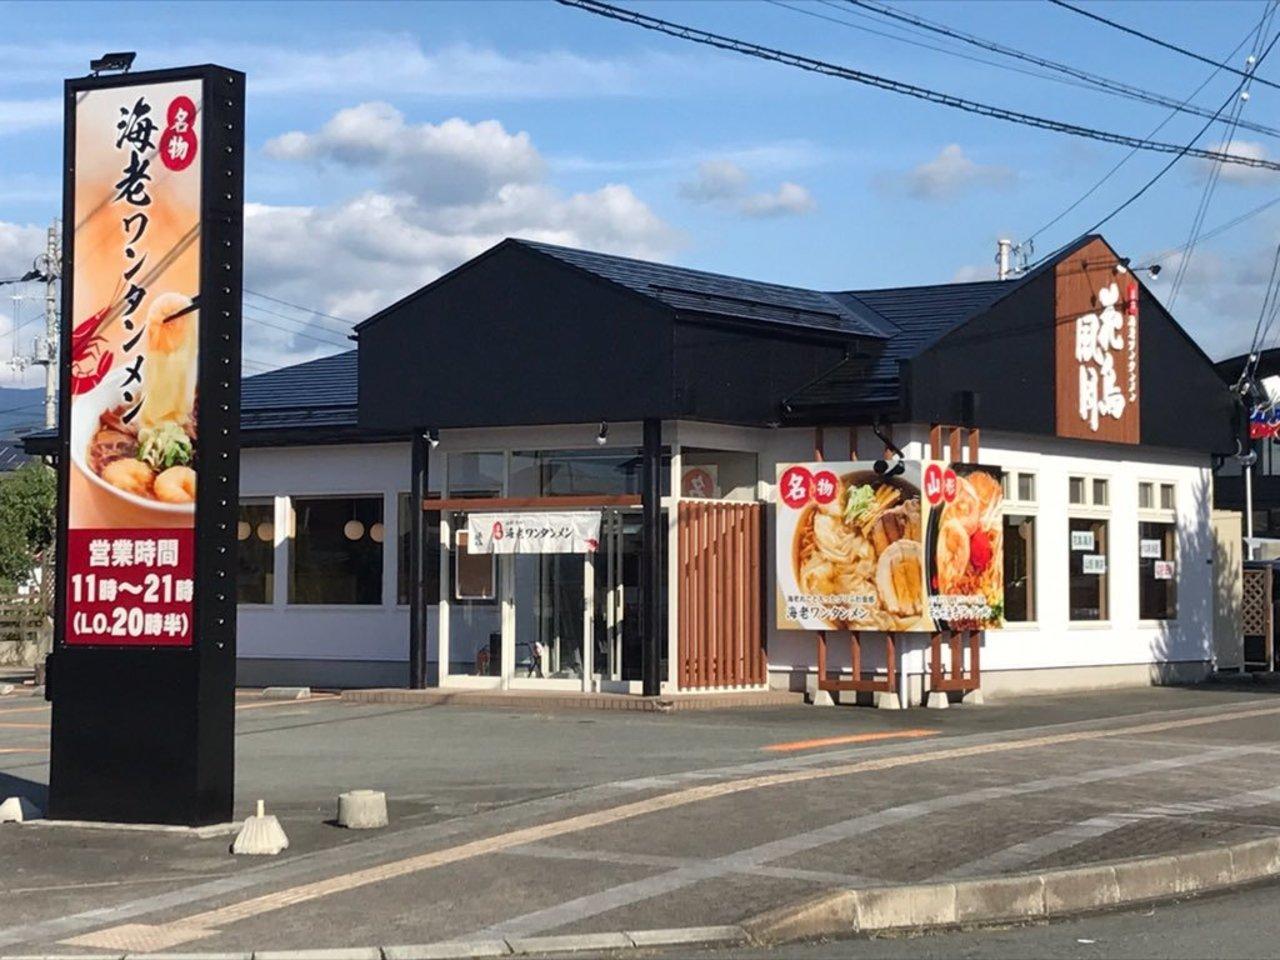 山形県山形市若宮4丁目に「酒田ラーメン 花鳥風月山形南店」が明日グランドオープンのようです。